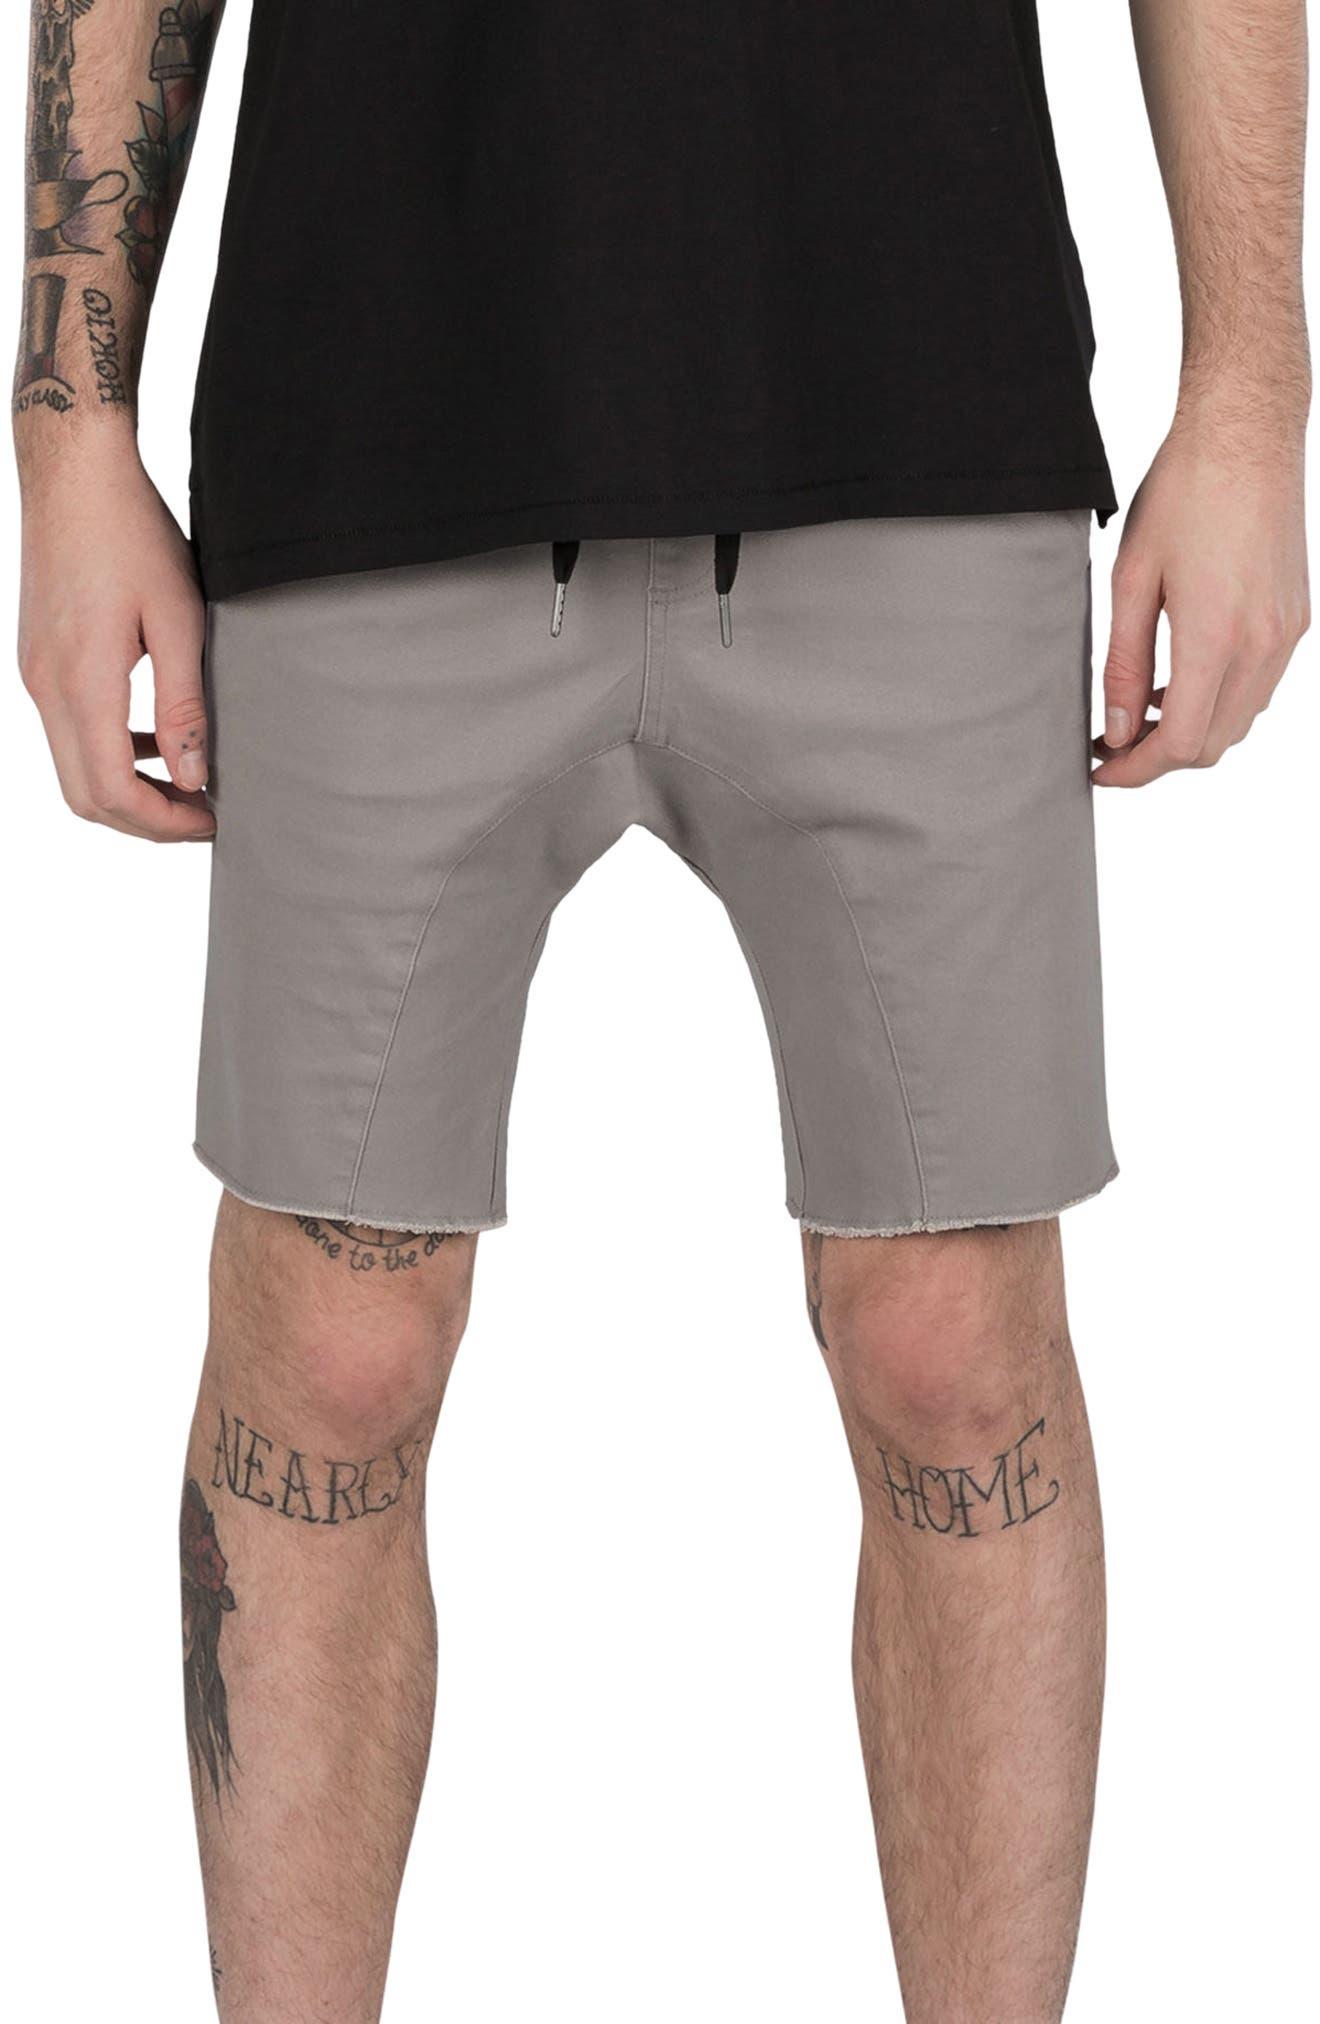 Sureshot Shorts,                         Main,                         color, Cement